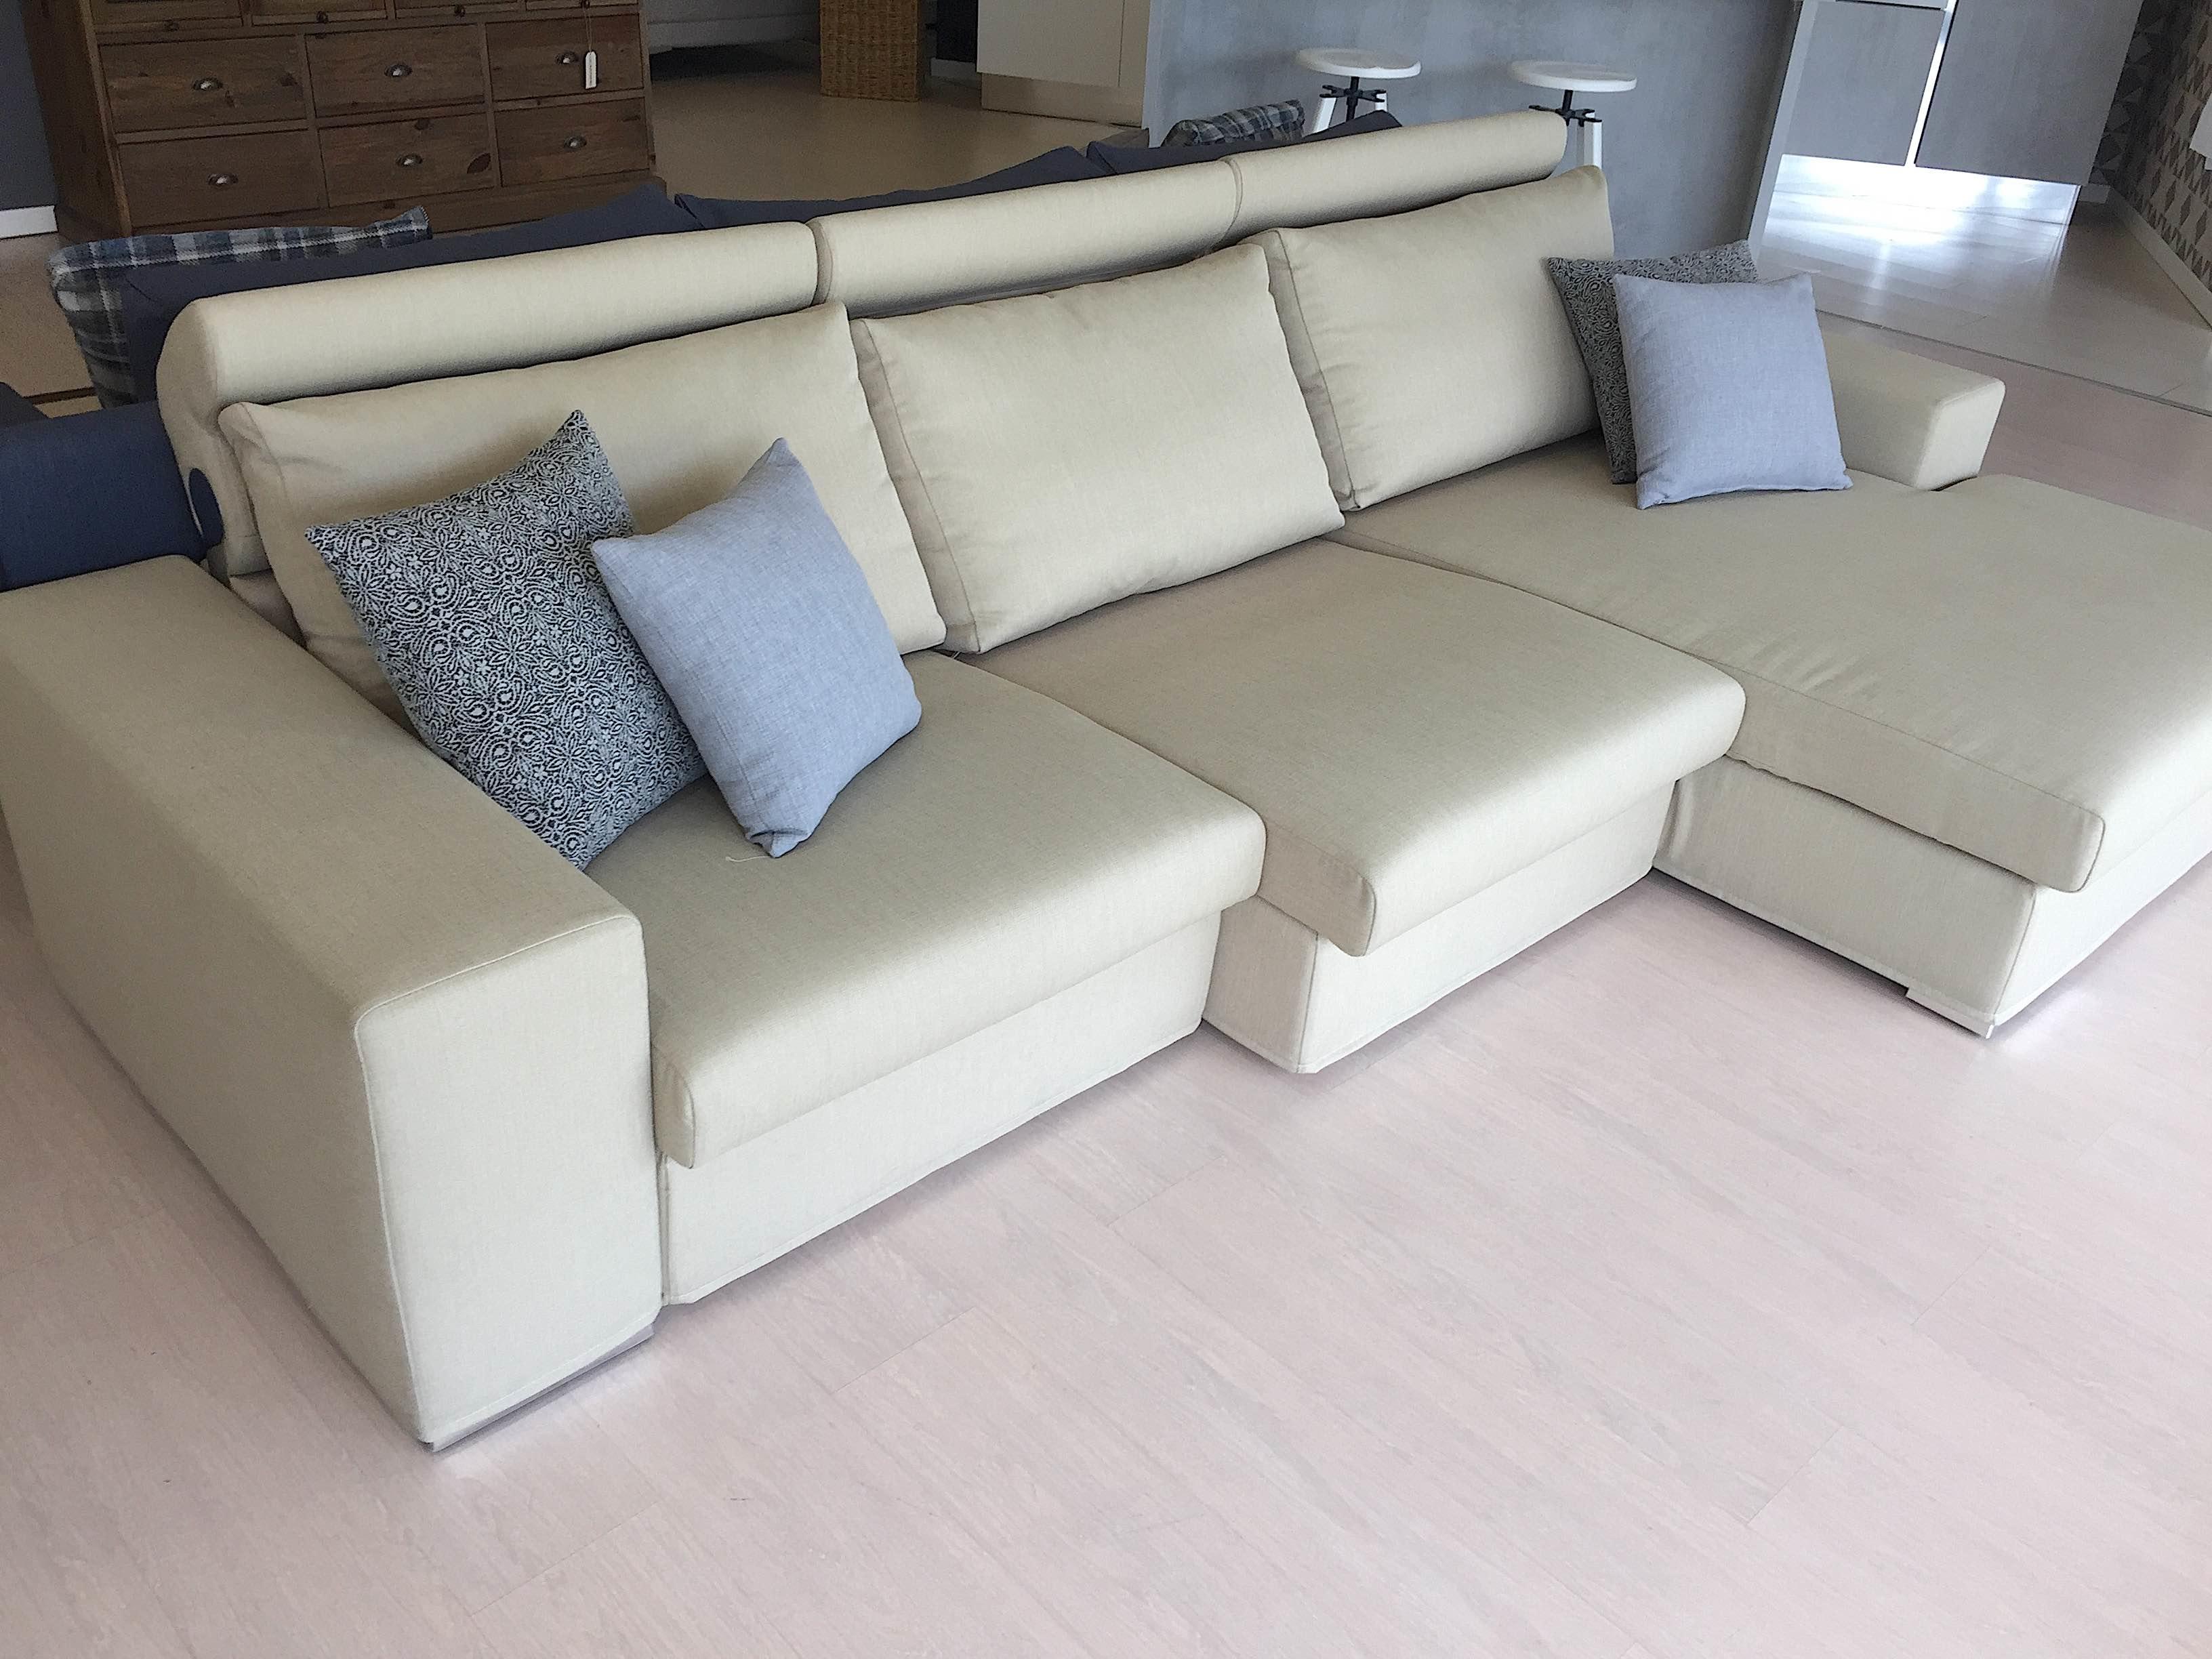 Divano doimo salotti atlante divani con penisola tessuto for Divani salotti